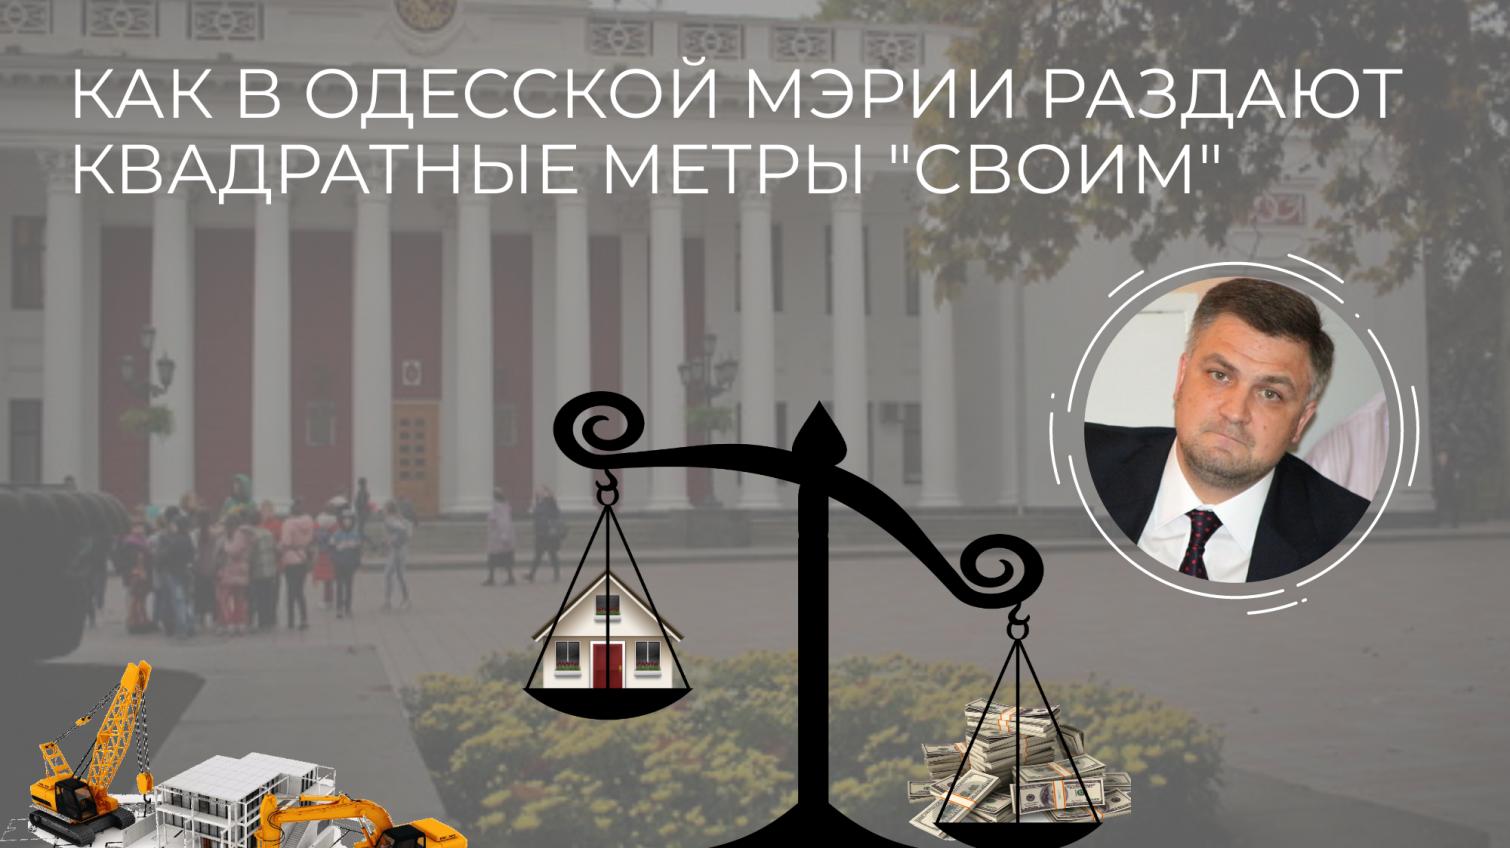 Метр в 314 долларов: как в Одесской мэрии раздают квадратные метры «своим» (карта) «фото»